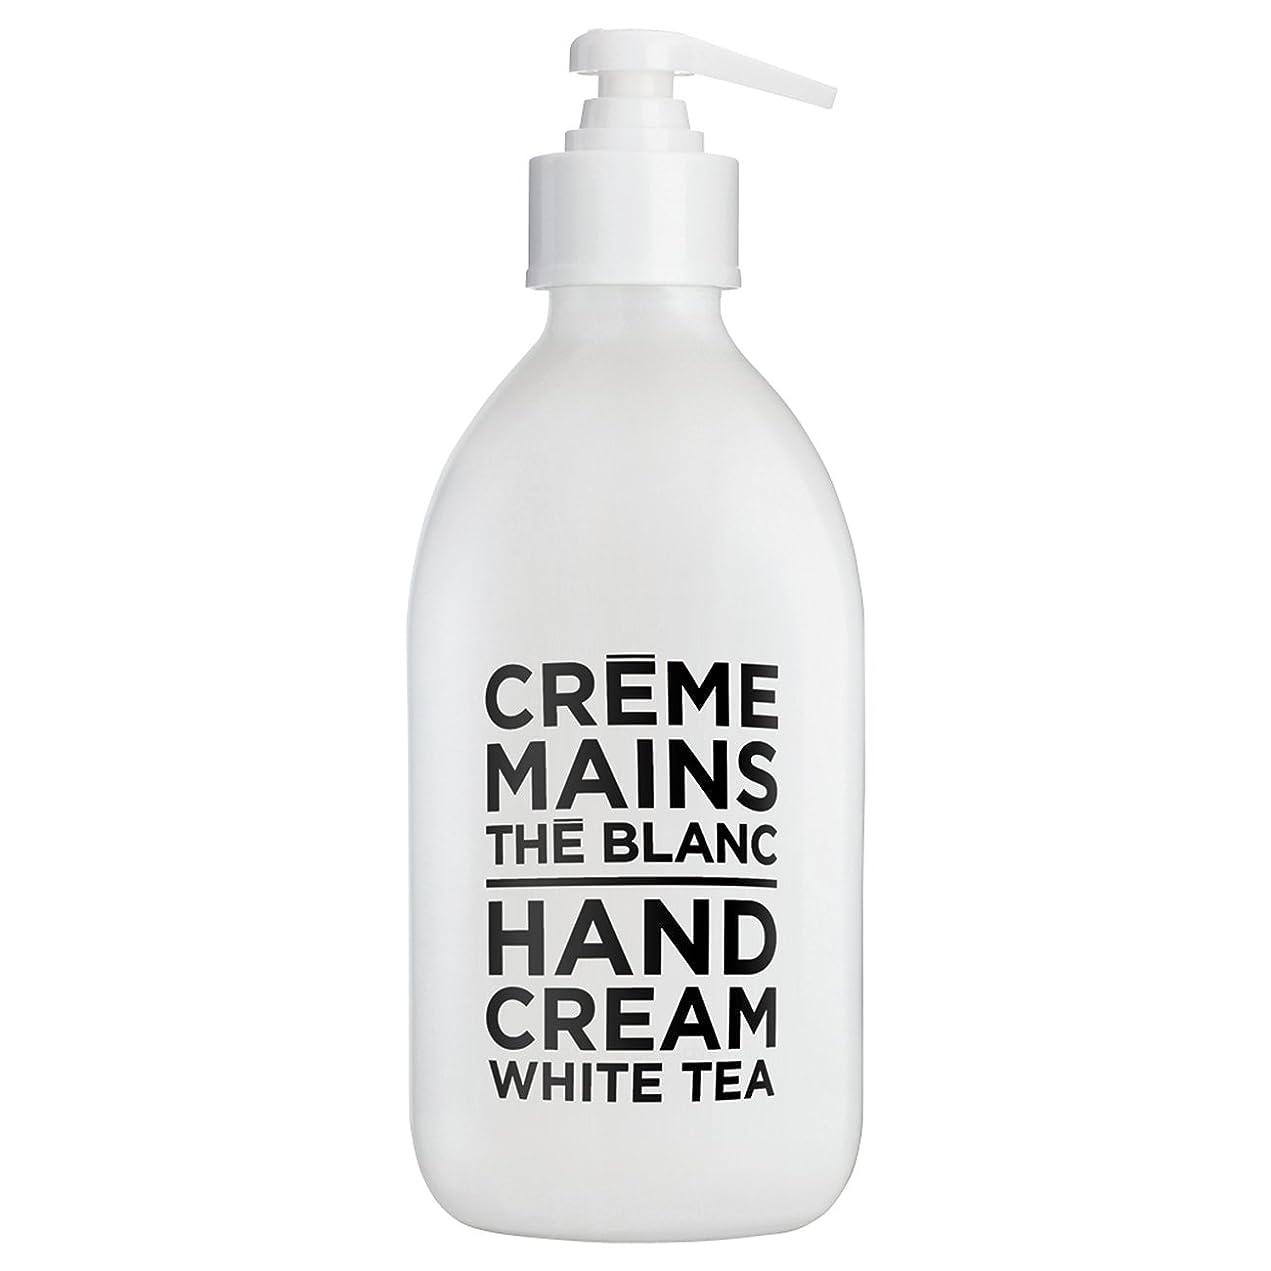 突破口ラッカス敬なカンパニードプロバンス ブラック&ホワイト ハンドクリーム ホワイトティー(ホワイトティーにシトラスを添えた気品ある香り) 300ml